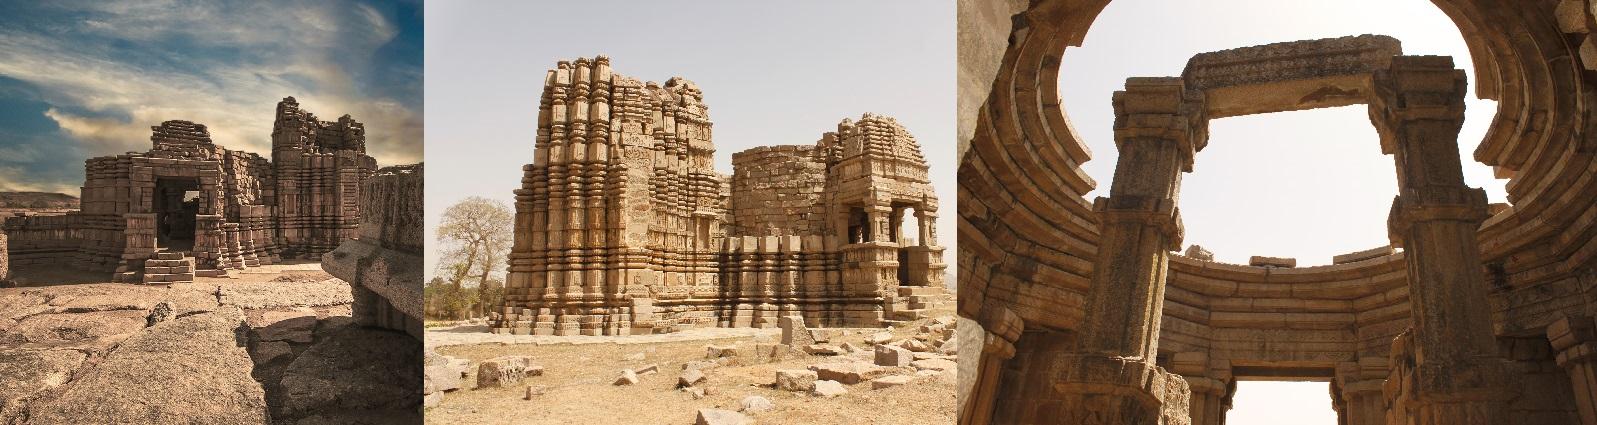 सूर्य मंदिर (महोबा)